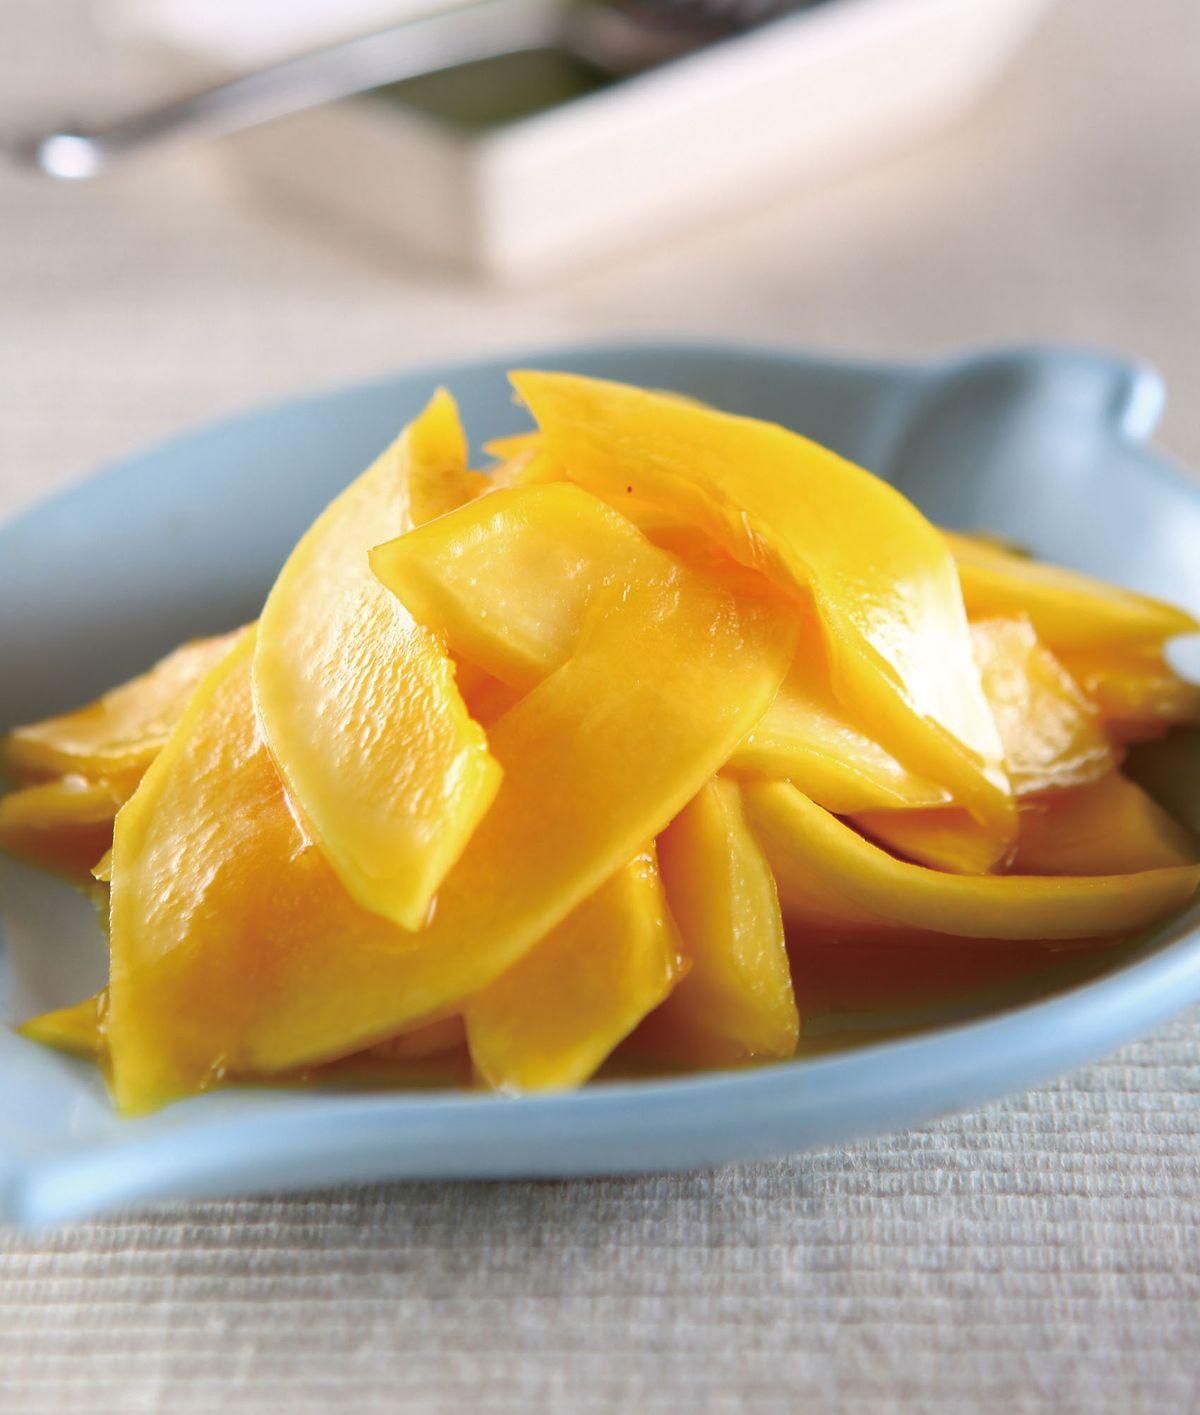 食譜:橙汁百香木瓜